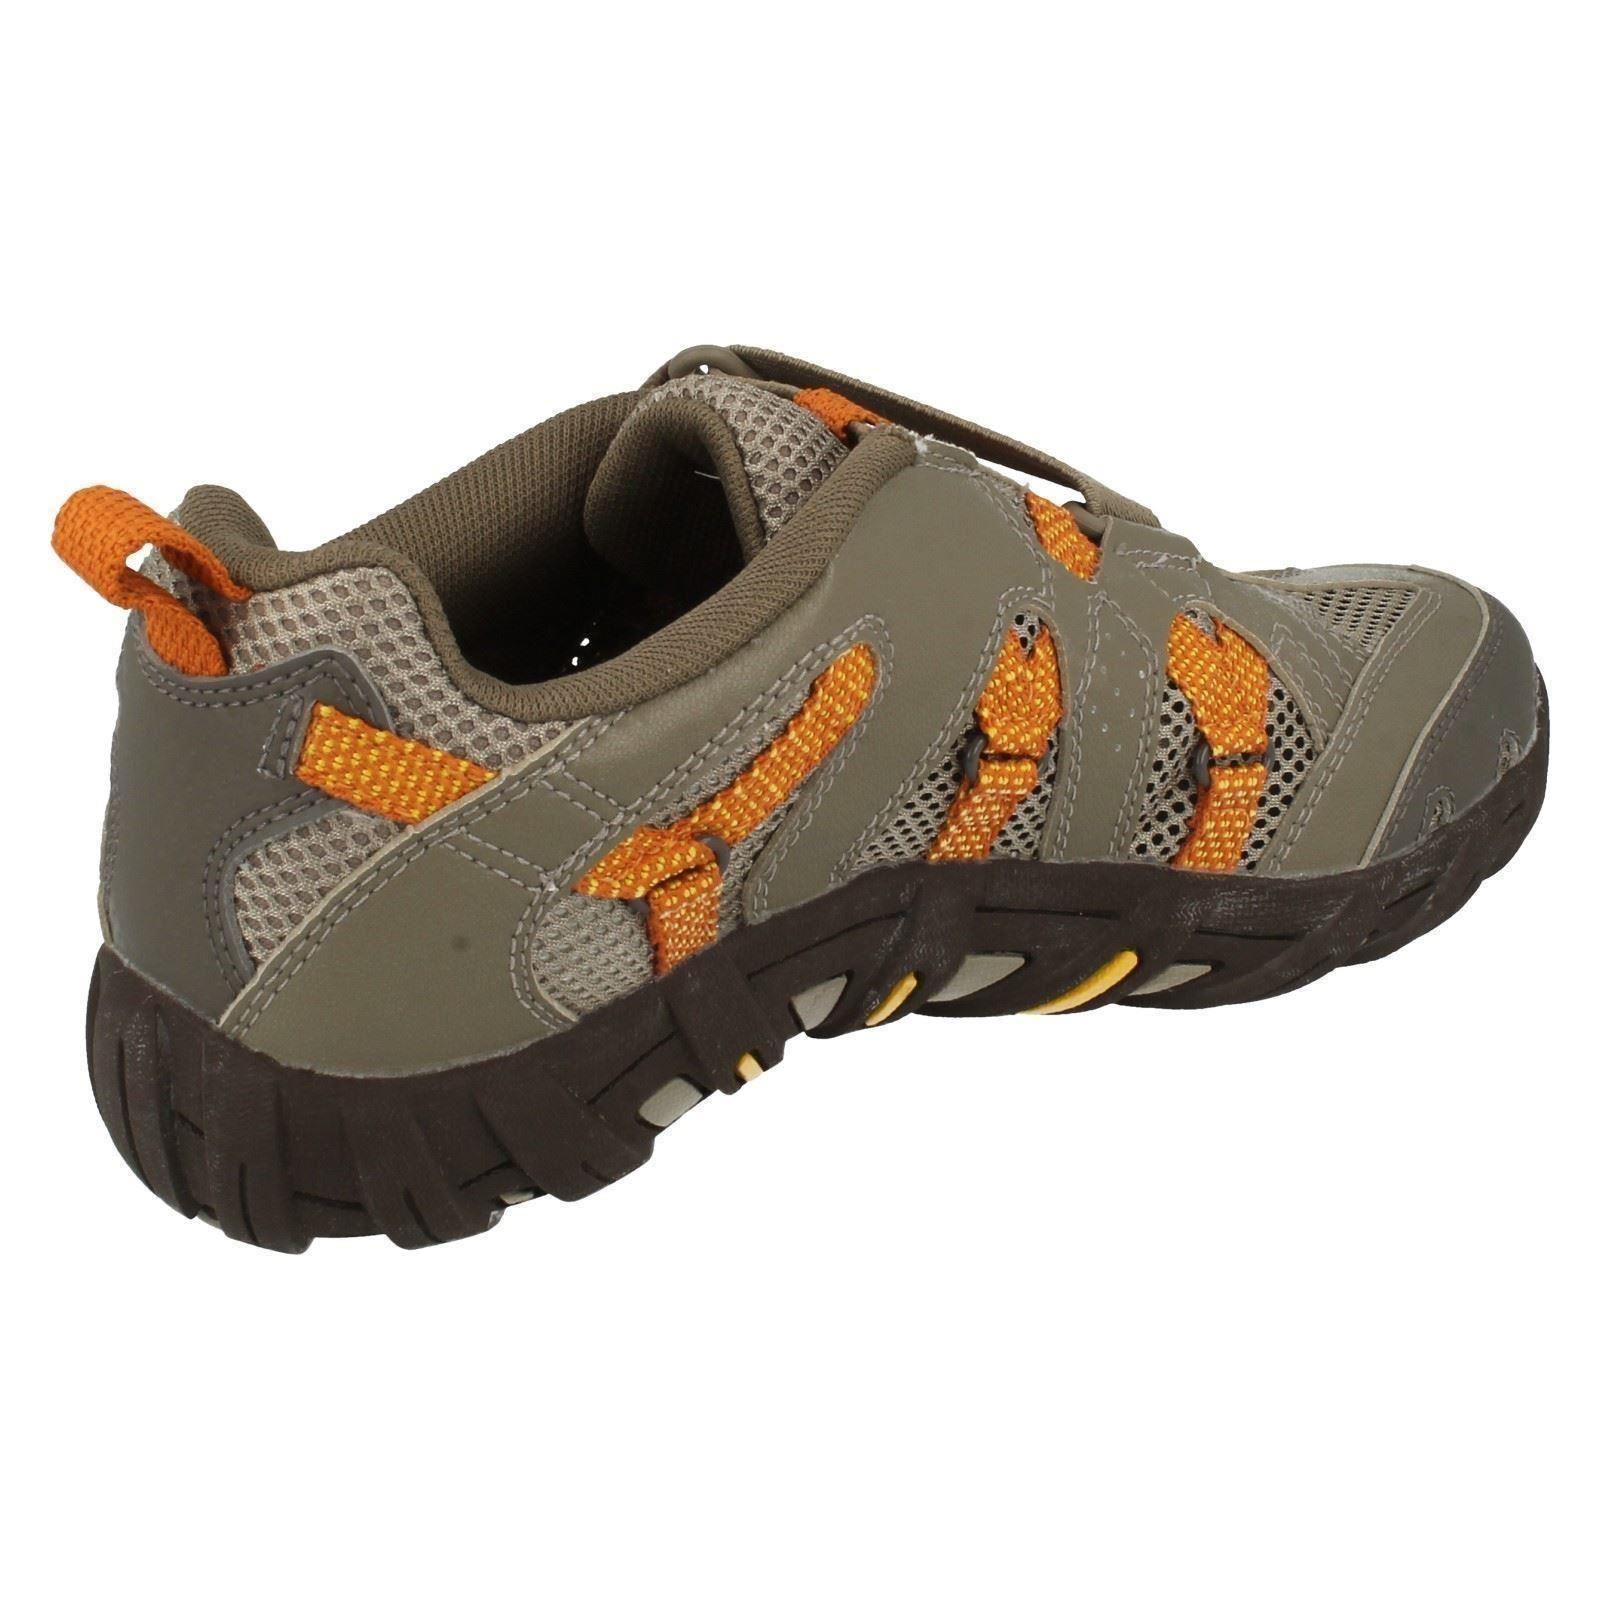 R12A Merrell Infants//Kids J85010 Waterpro Z-Rap Persian Shoe